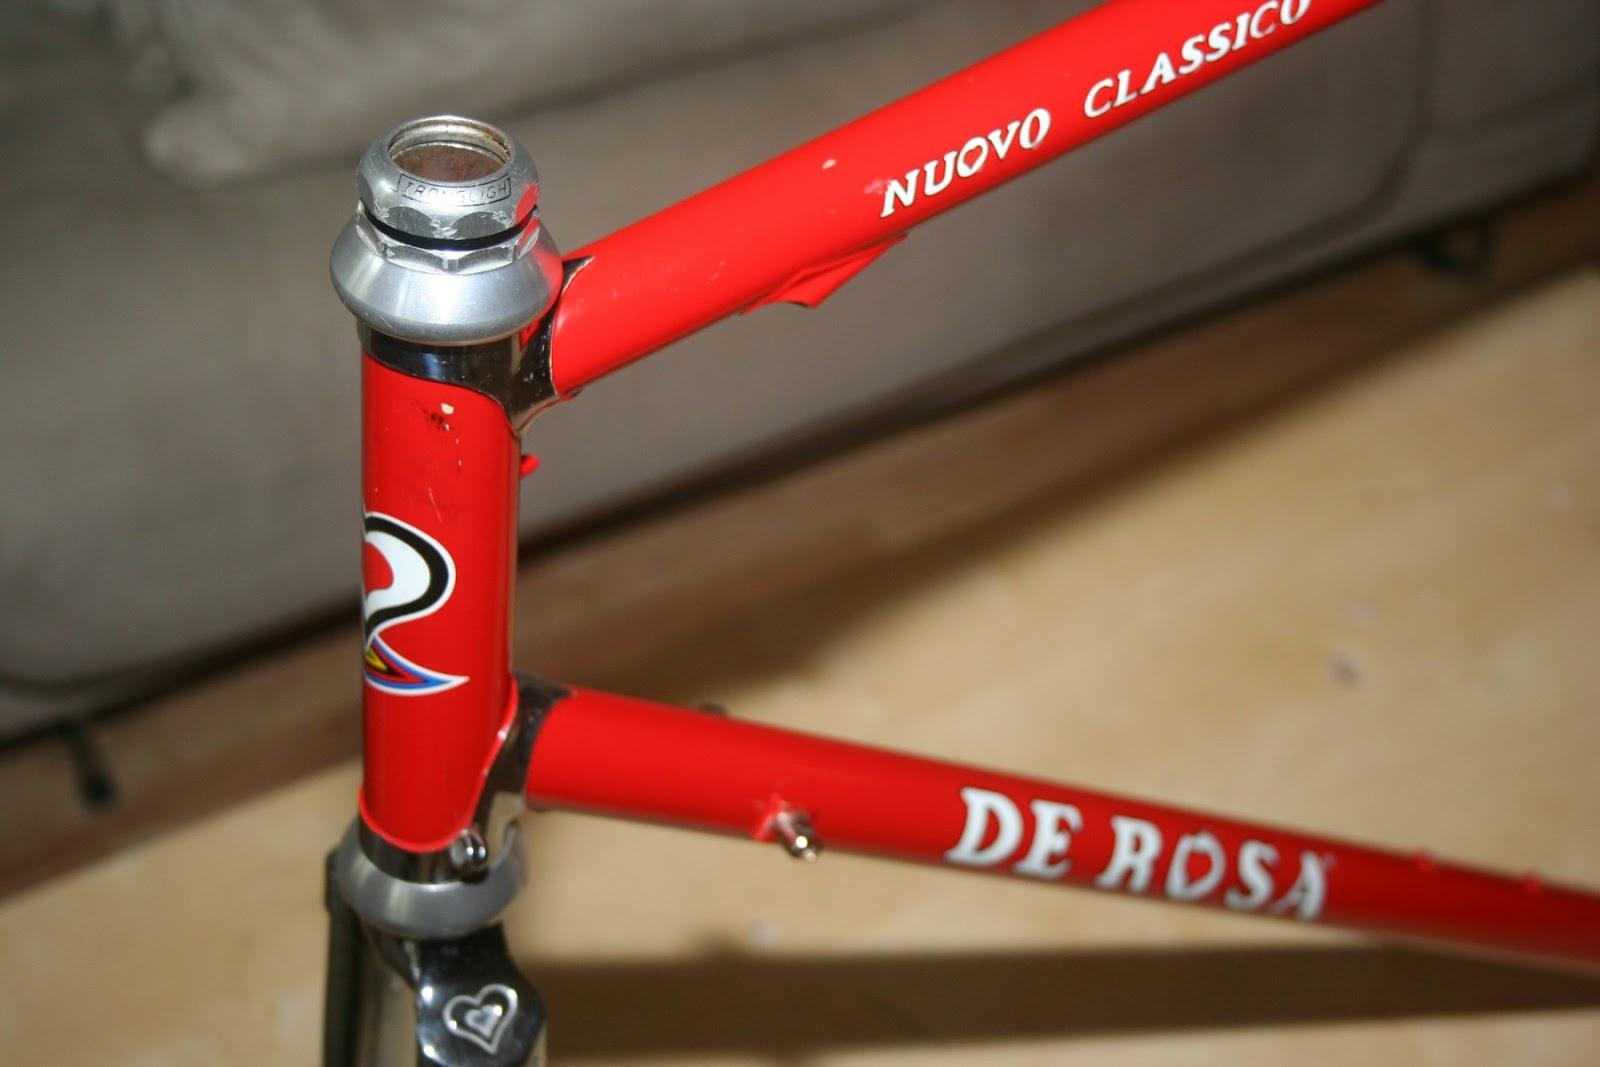 De rosa bicycles bikeadelic de rosa nuovo classico for Ebay classico